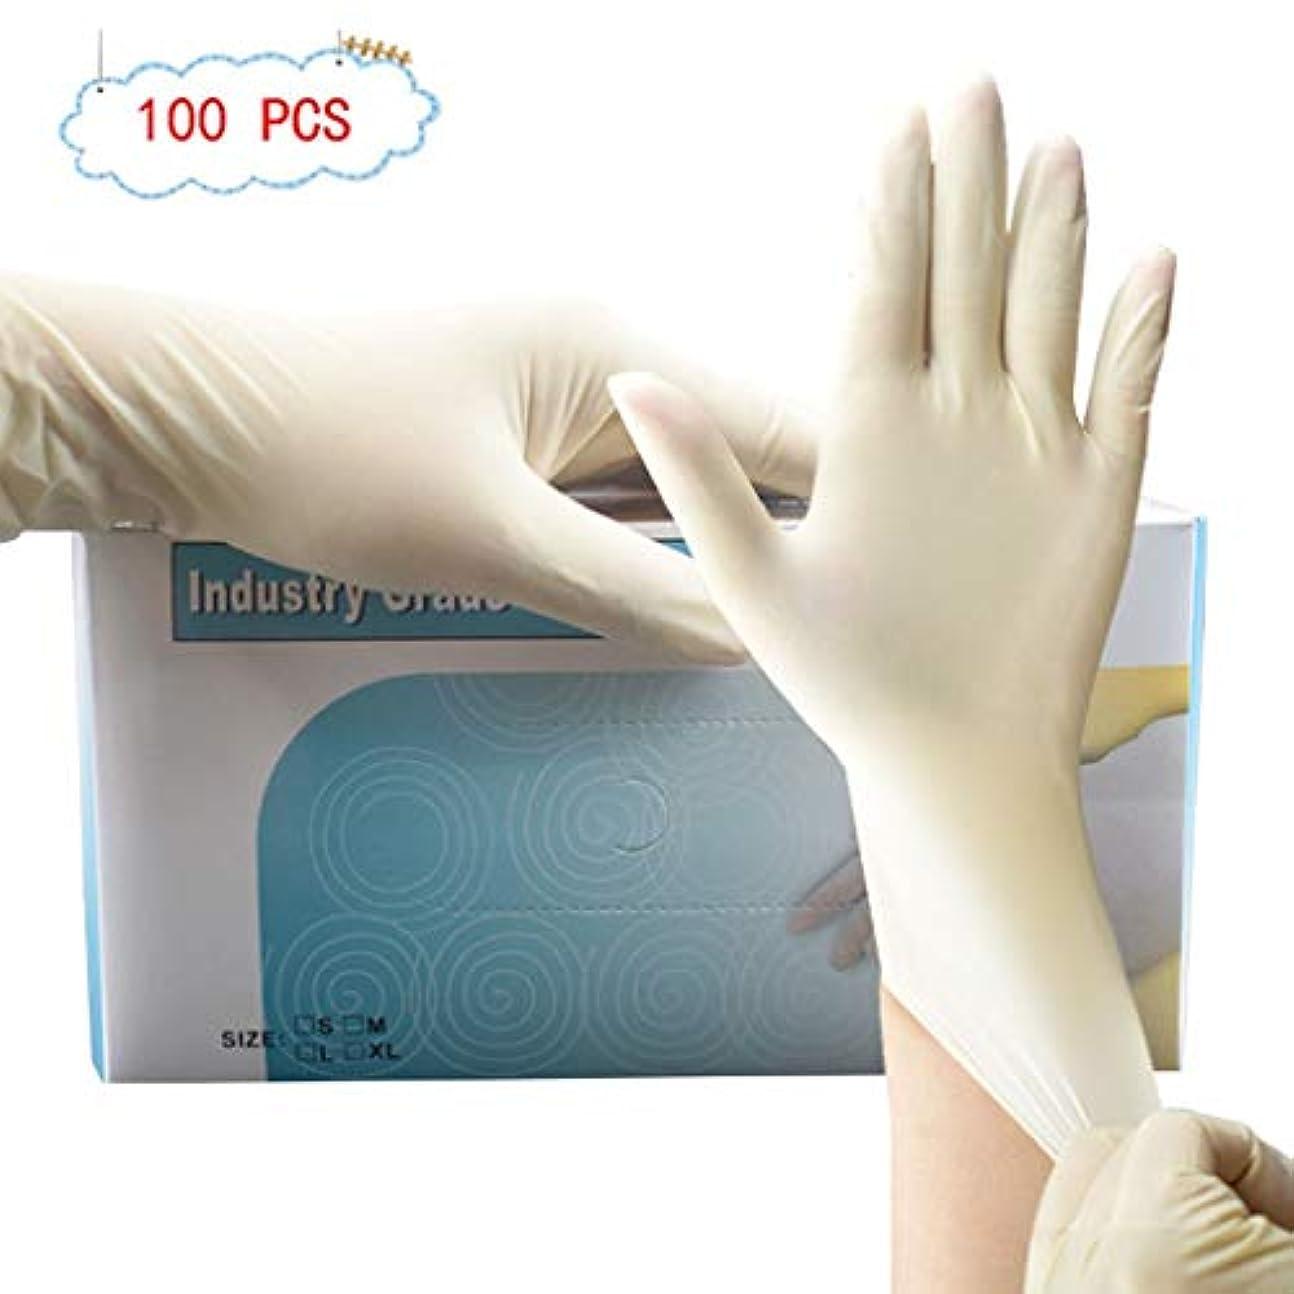 前奏曲アデレードバー使い捨て外科太いラテックス手袋パウダーフリーダストフリーゴム手袋手袋デューティ検査用手袋|病院のための専門の等級 (Color : 9 inch, Size : L)